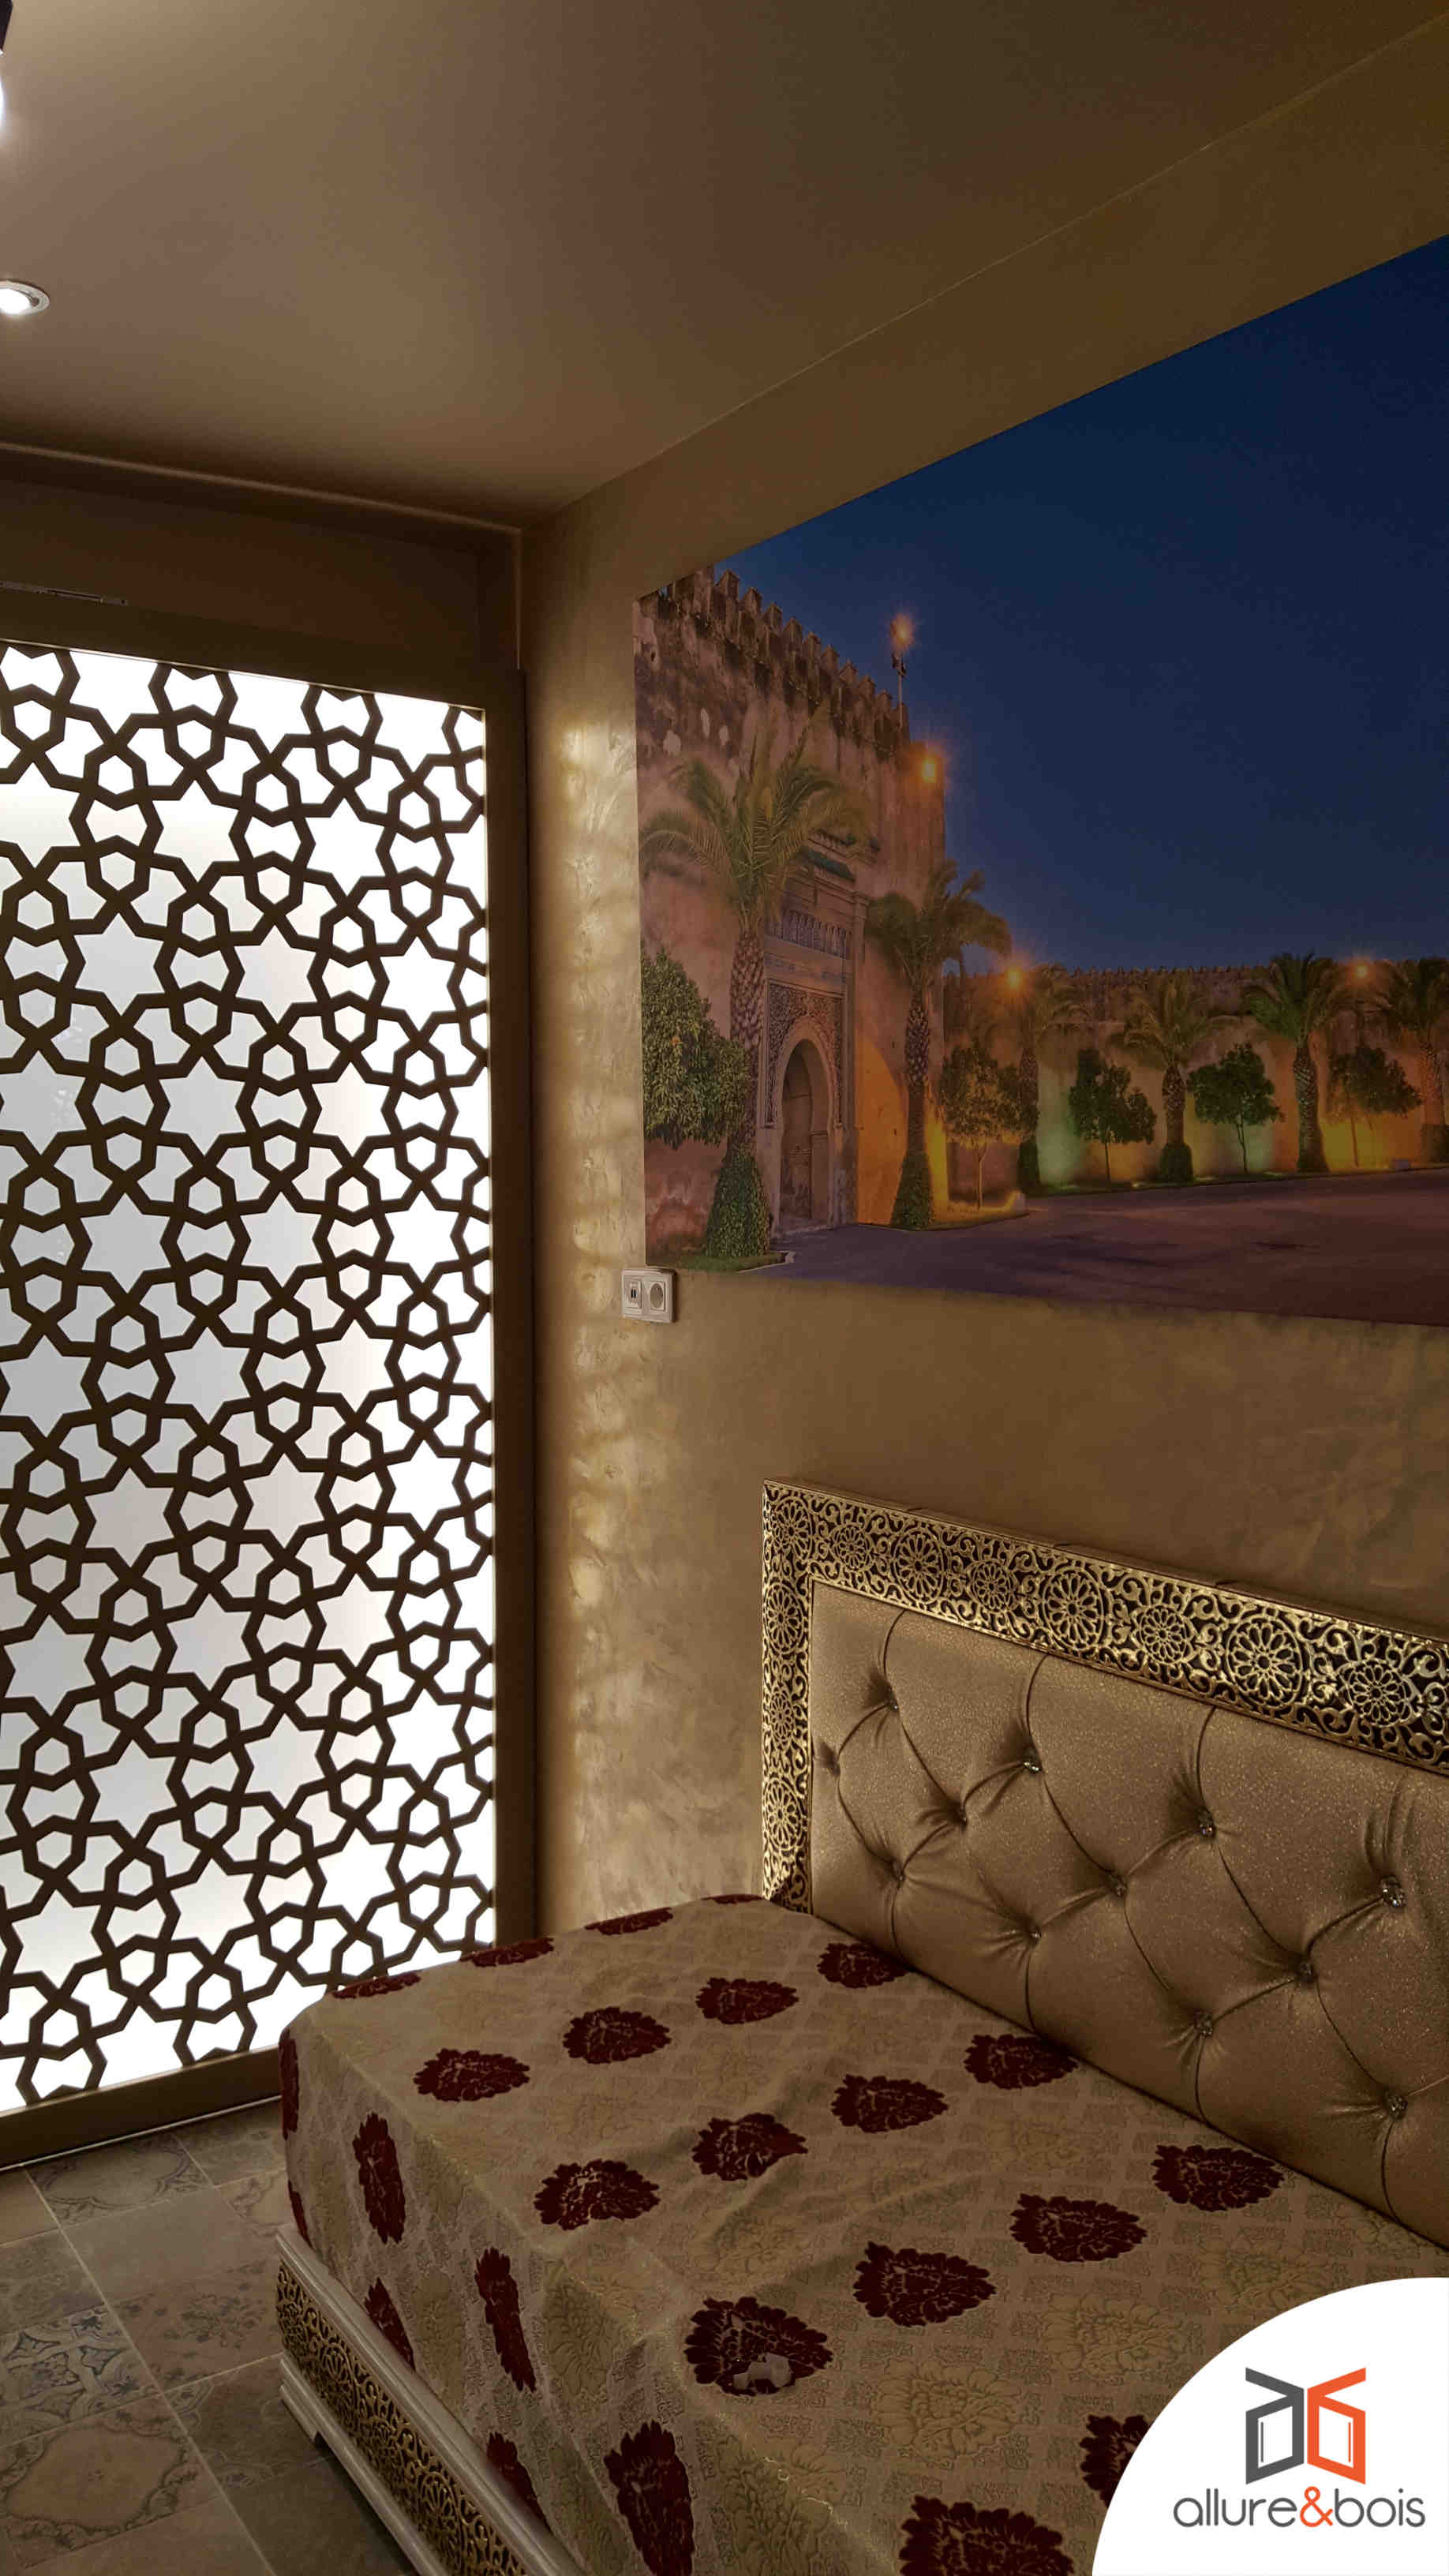 claustra-bois-traditionnelle-alternative-paravent-bois-marocain